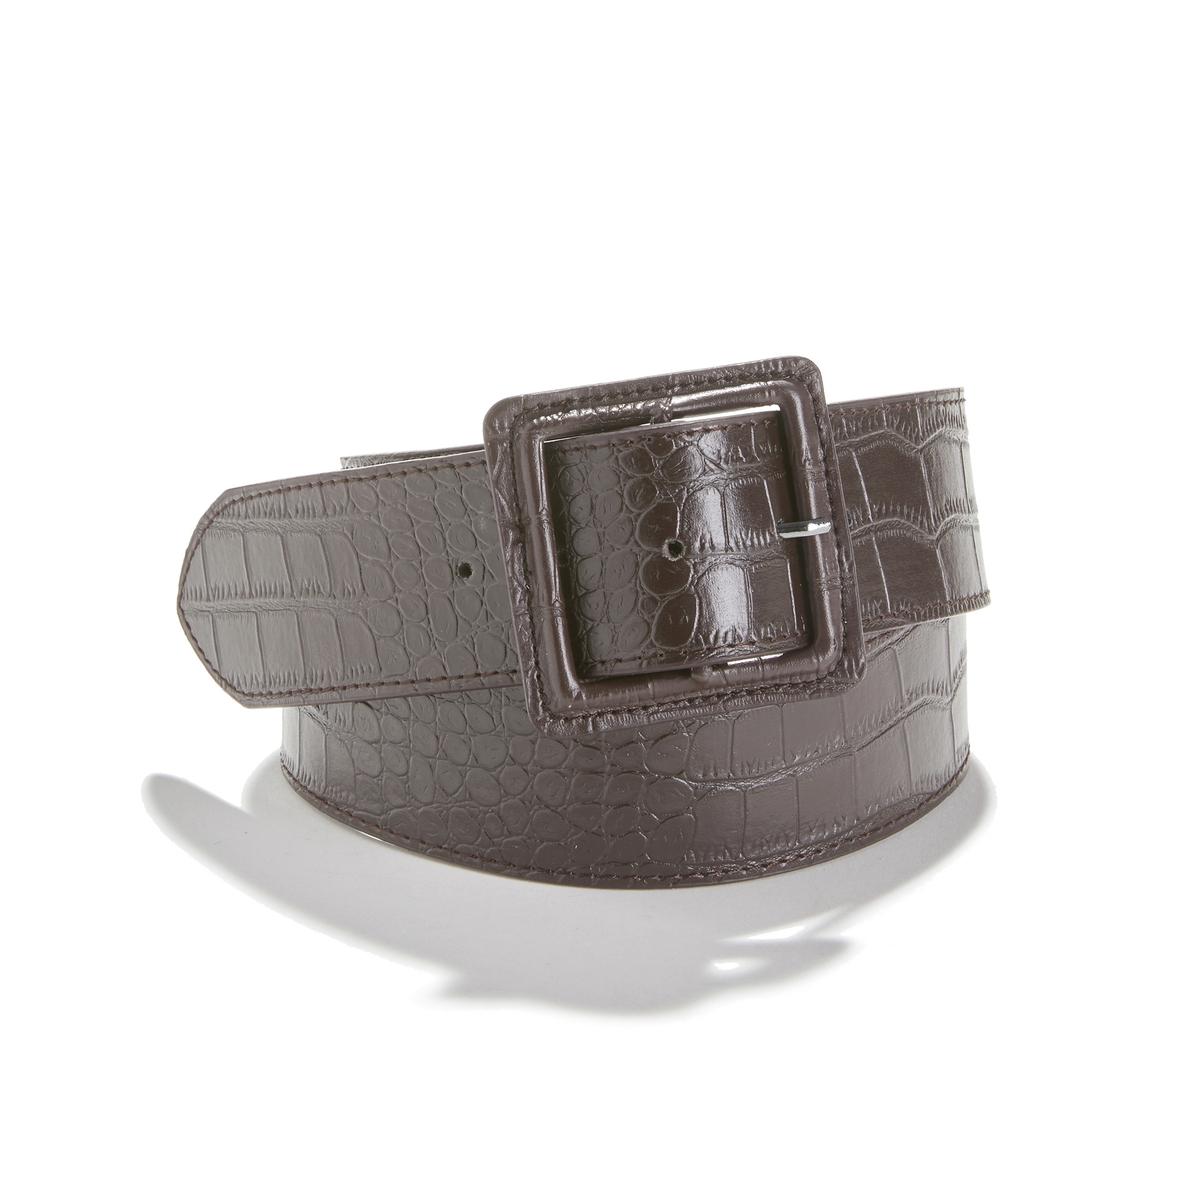 Cinturón ancho efecto piel de cocodrilo